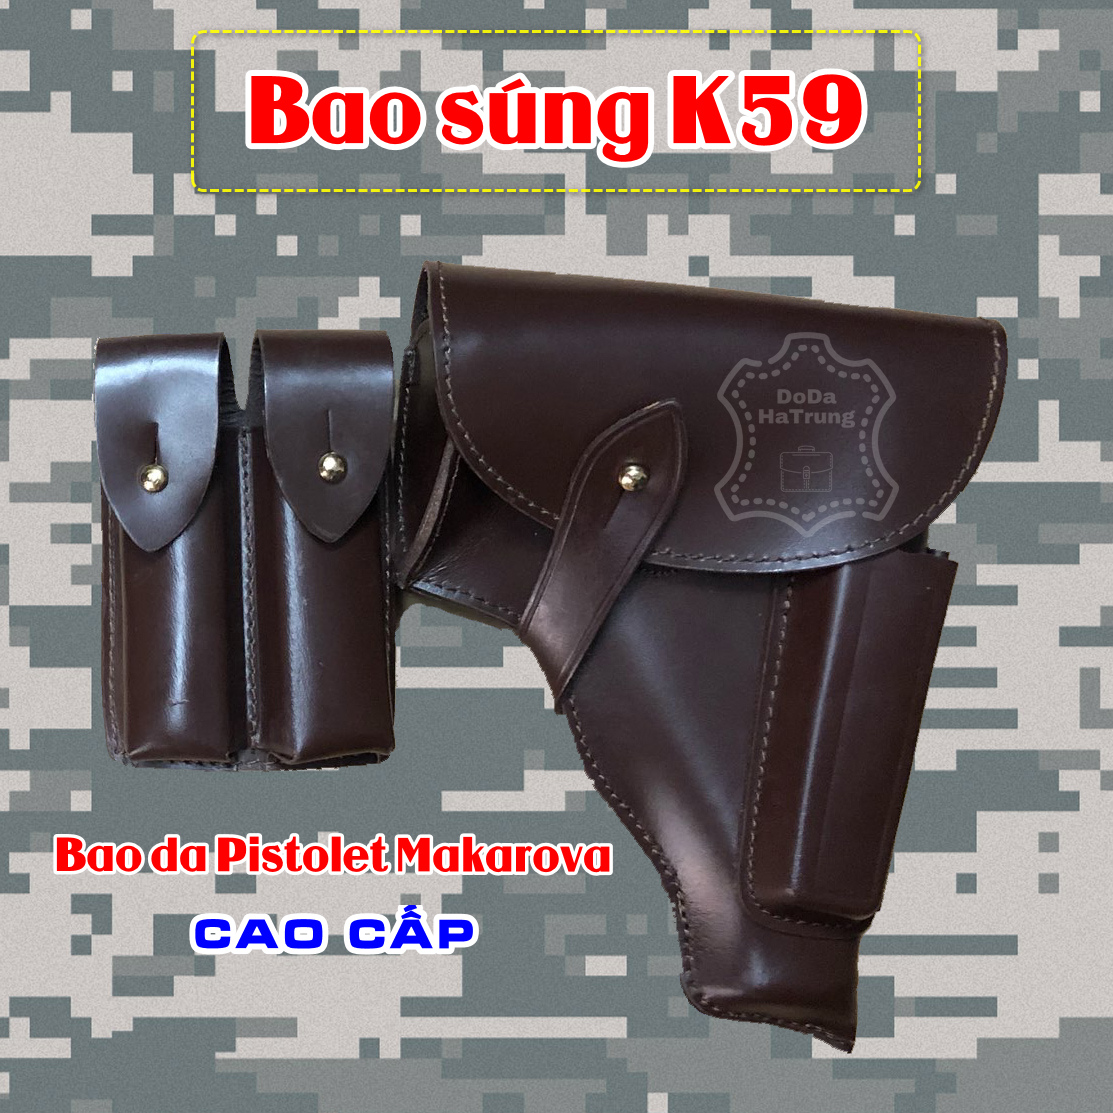 Bao-sung-K59